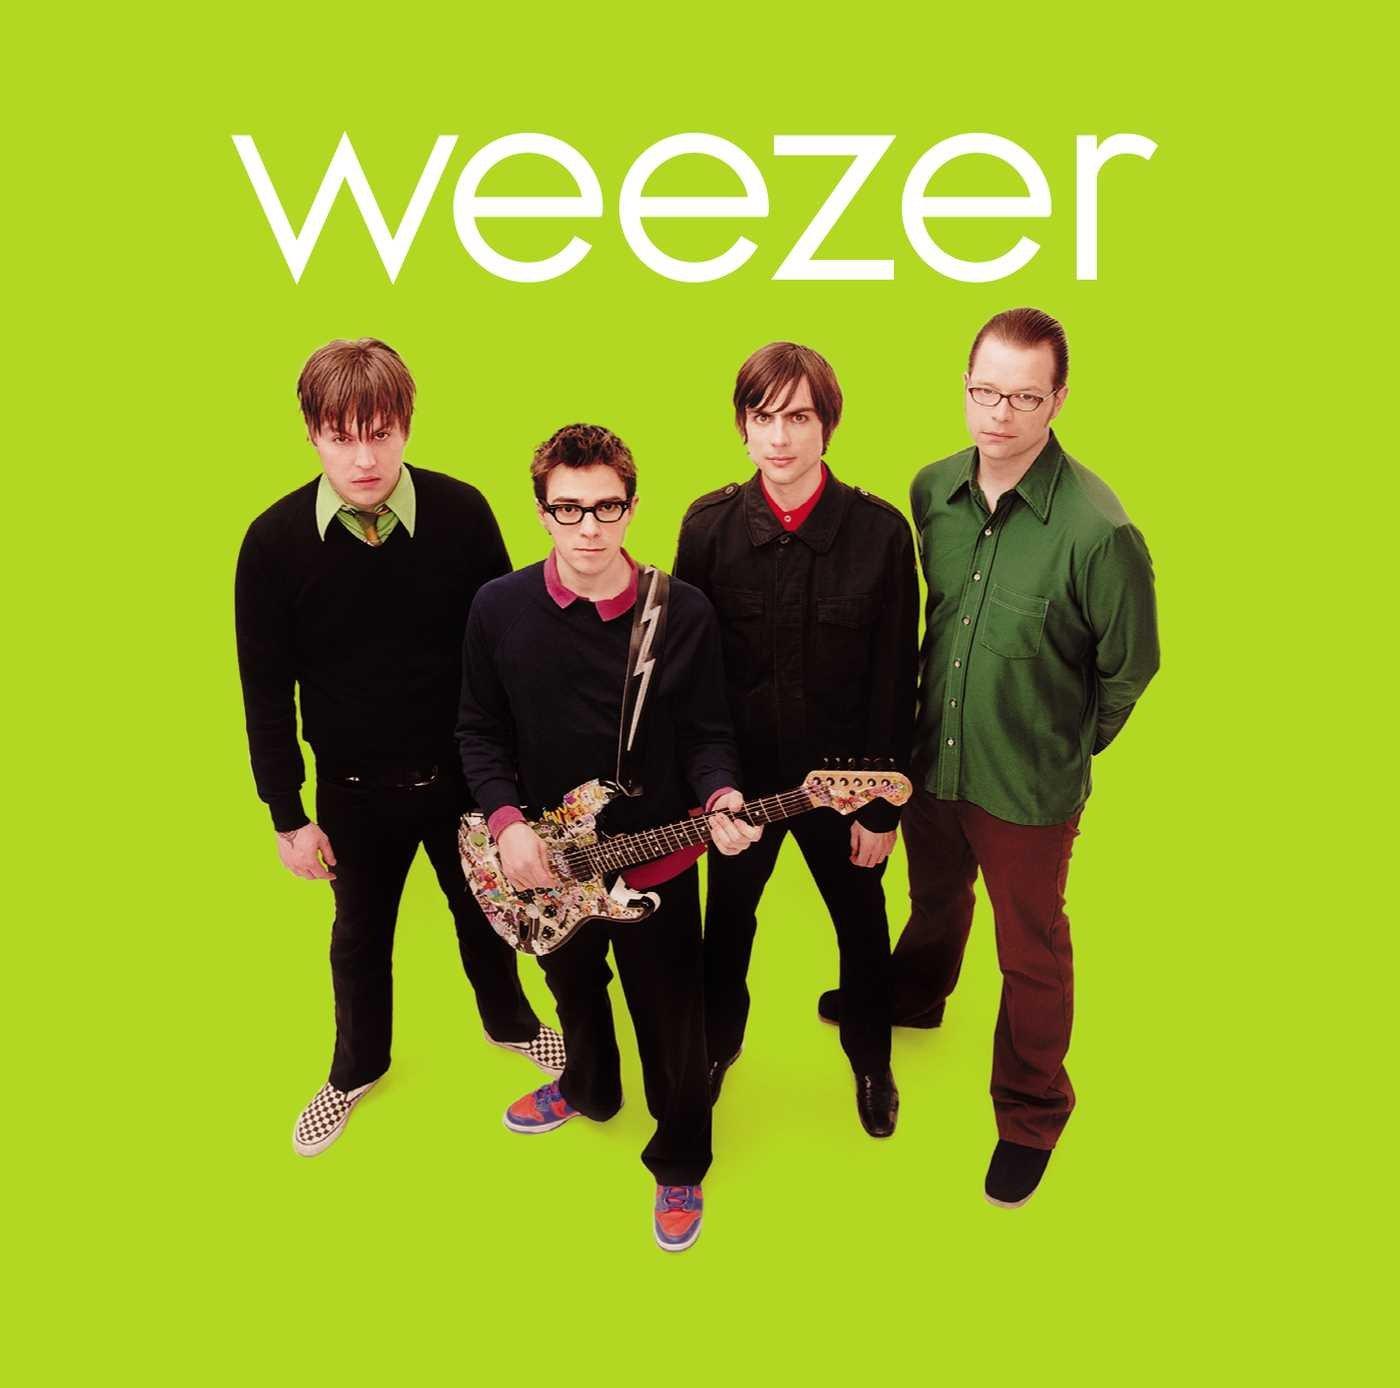 Weezer, Weezer (The Green Album)